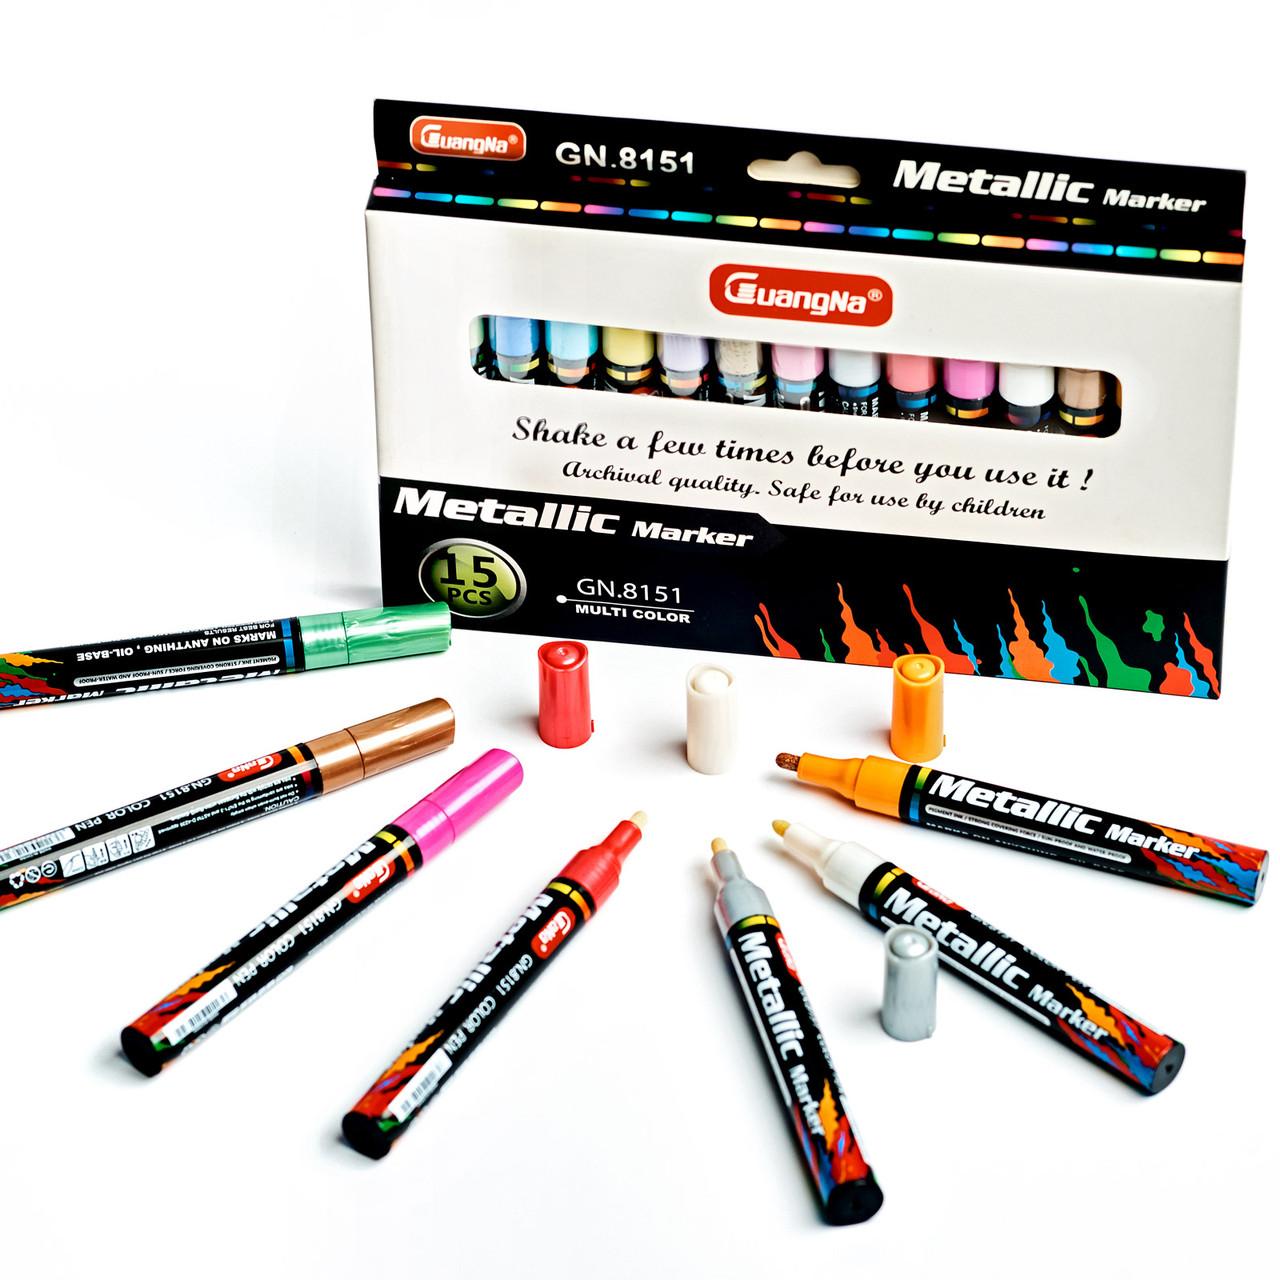 Набір перманентних водостійких маркерів Сиапдпа 15 шт з ефектом металік для малювання (GN 8151) Відео-огляд